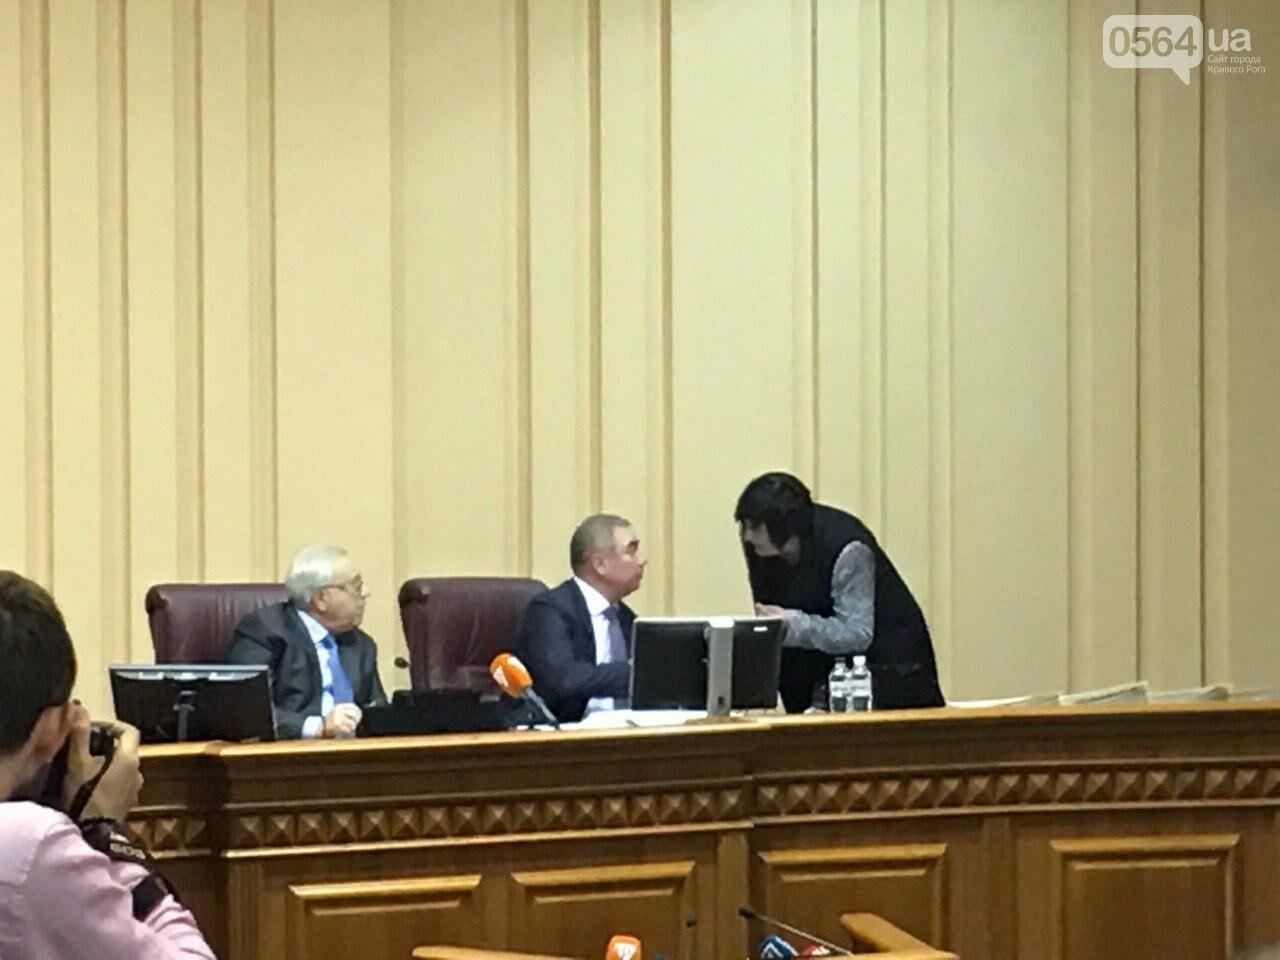 Криворожский городской совет не доверил экс-нардепу Павлову должность заместителя мэра, - ФОТО, фото-17